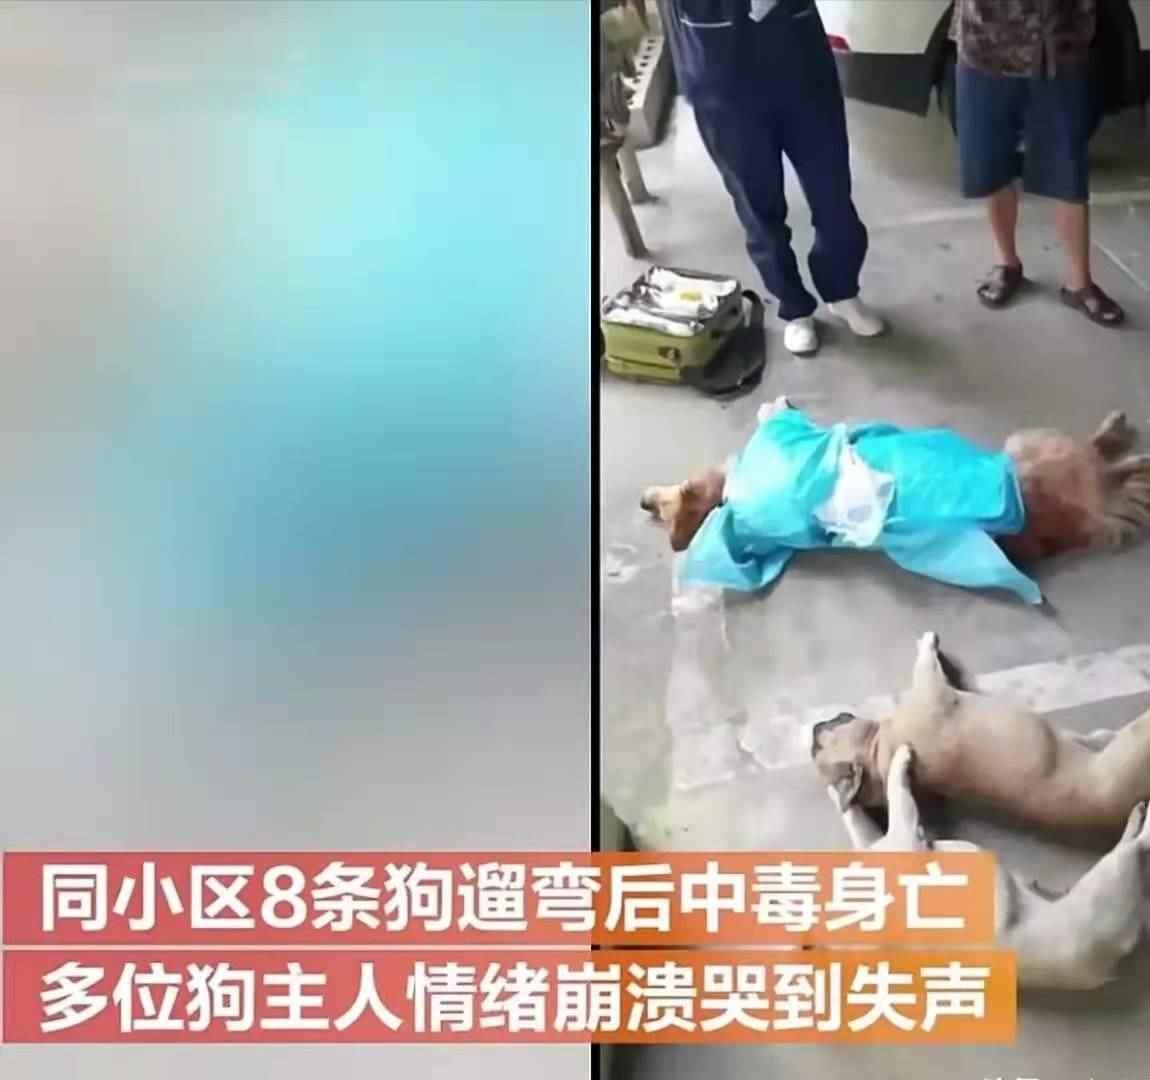 贵州一小区8条狗遛弯后中毒身亡,狗主人情绪崩溃大哭-第2张图片-爱薇女性网